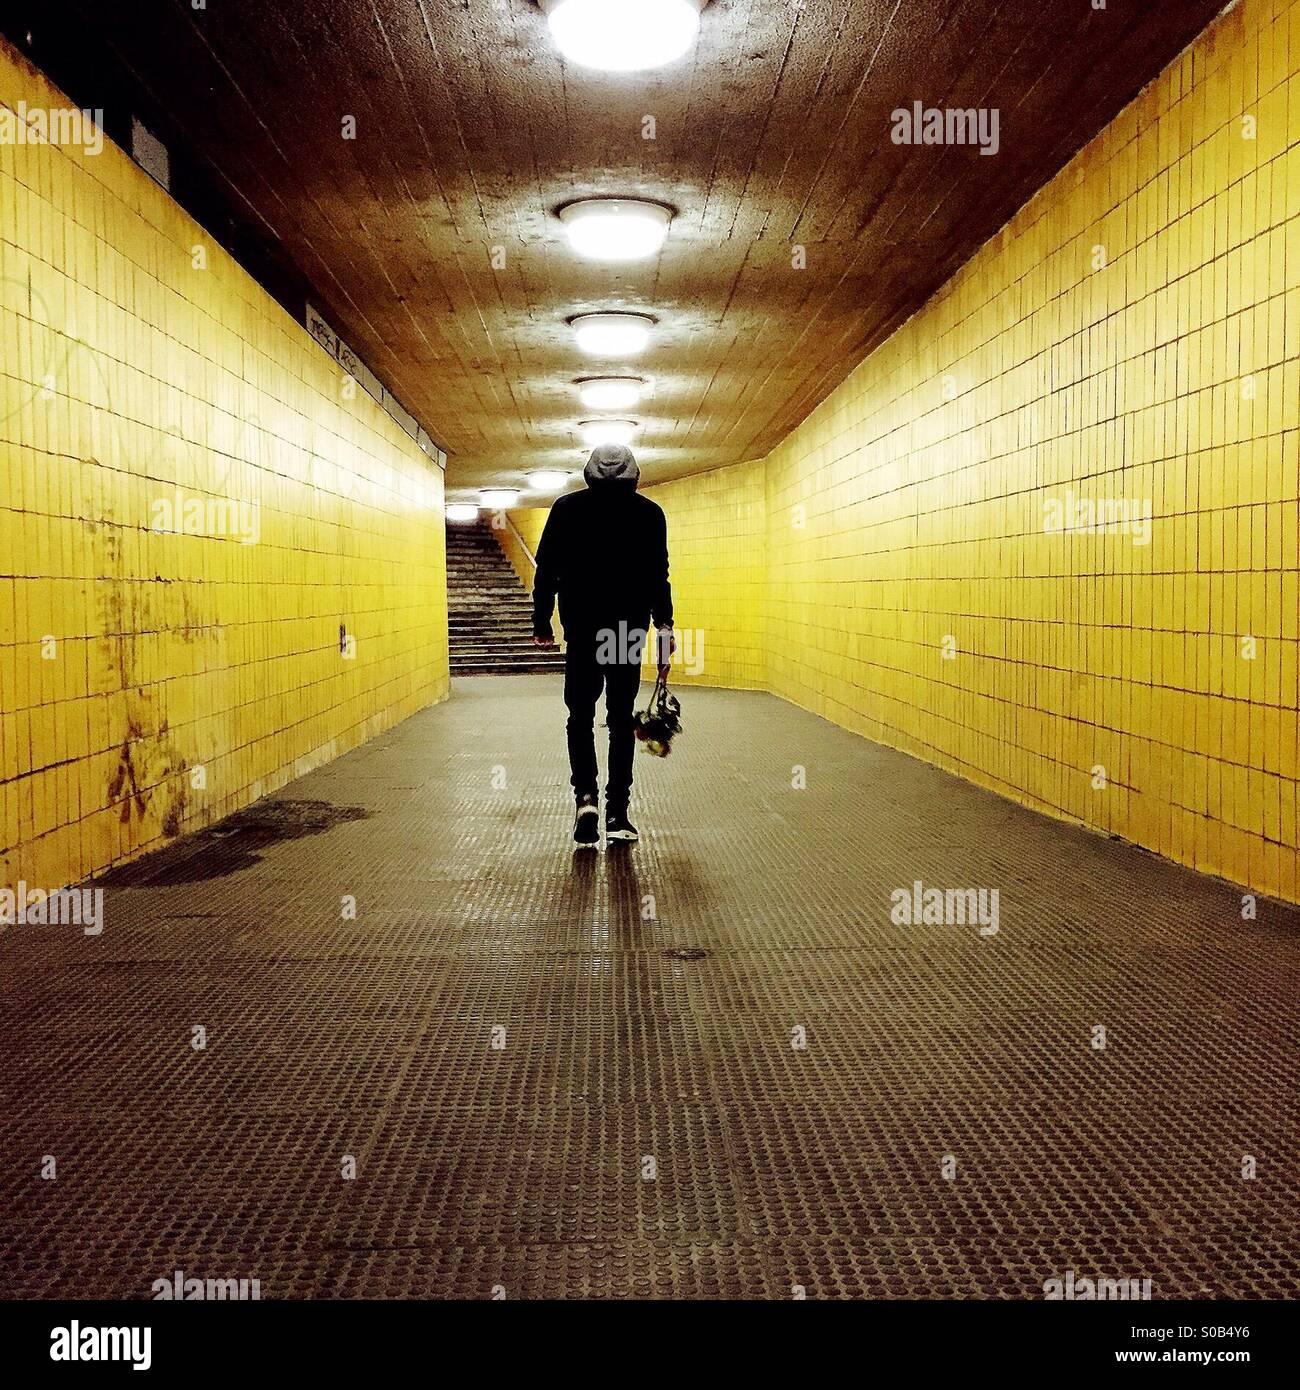 Joven caminando bajo un túnel amarillo Imagen De Stock